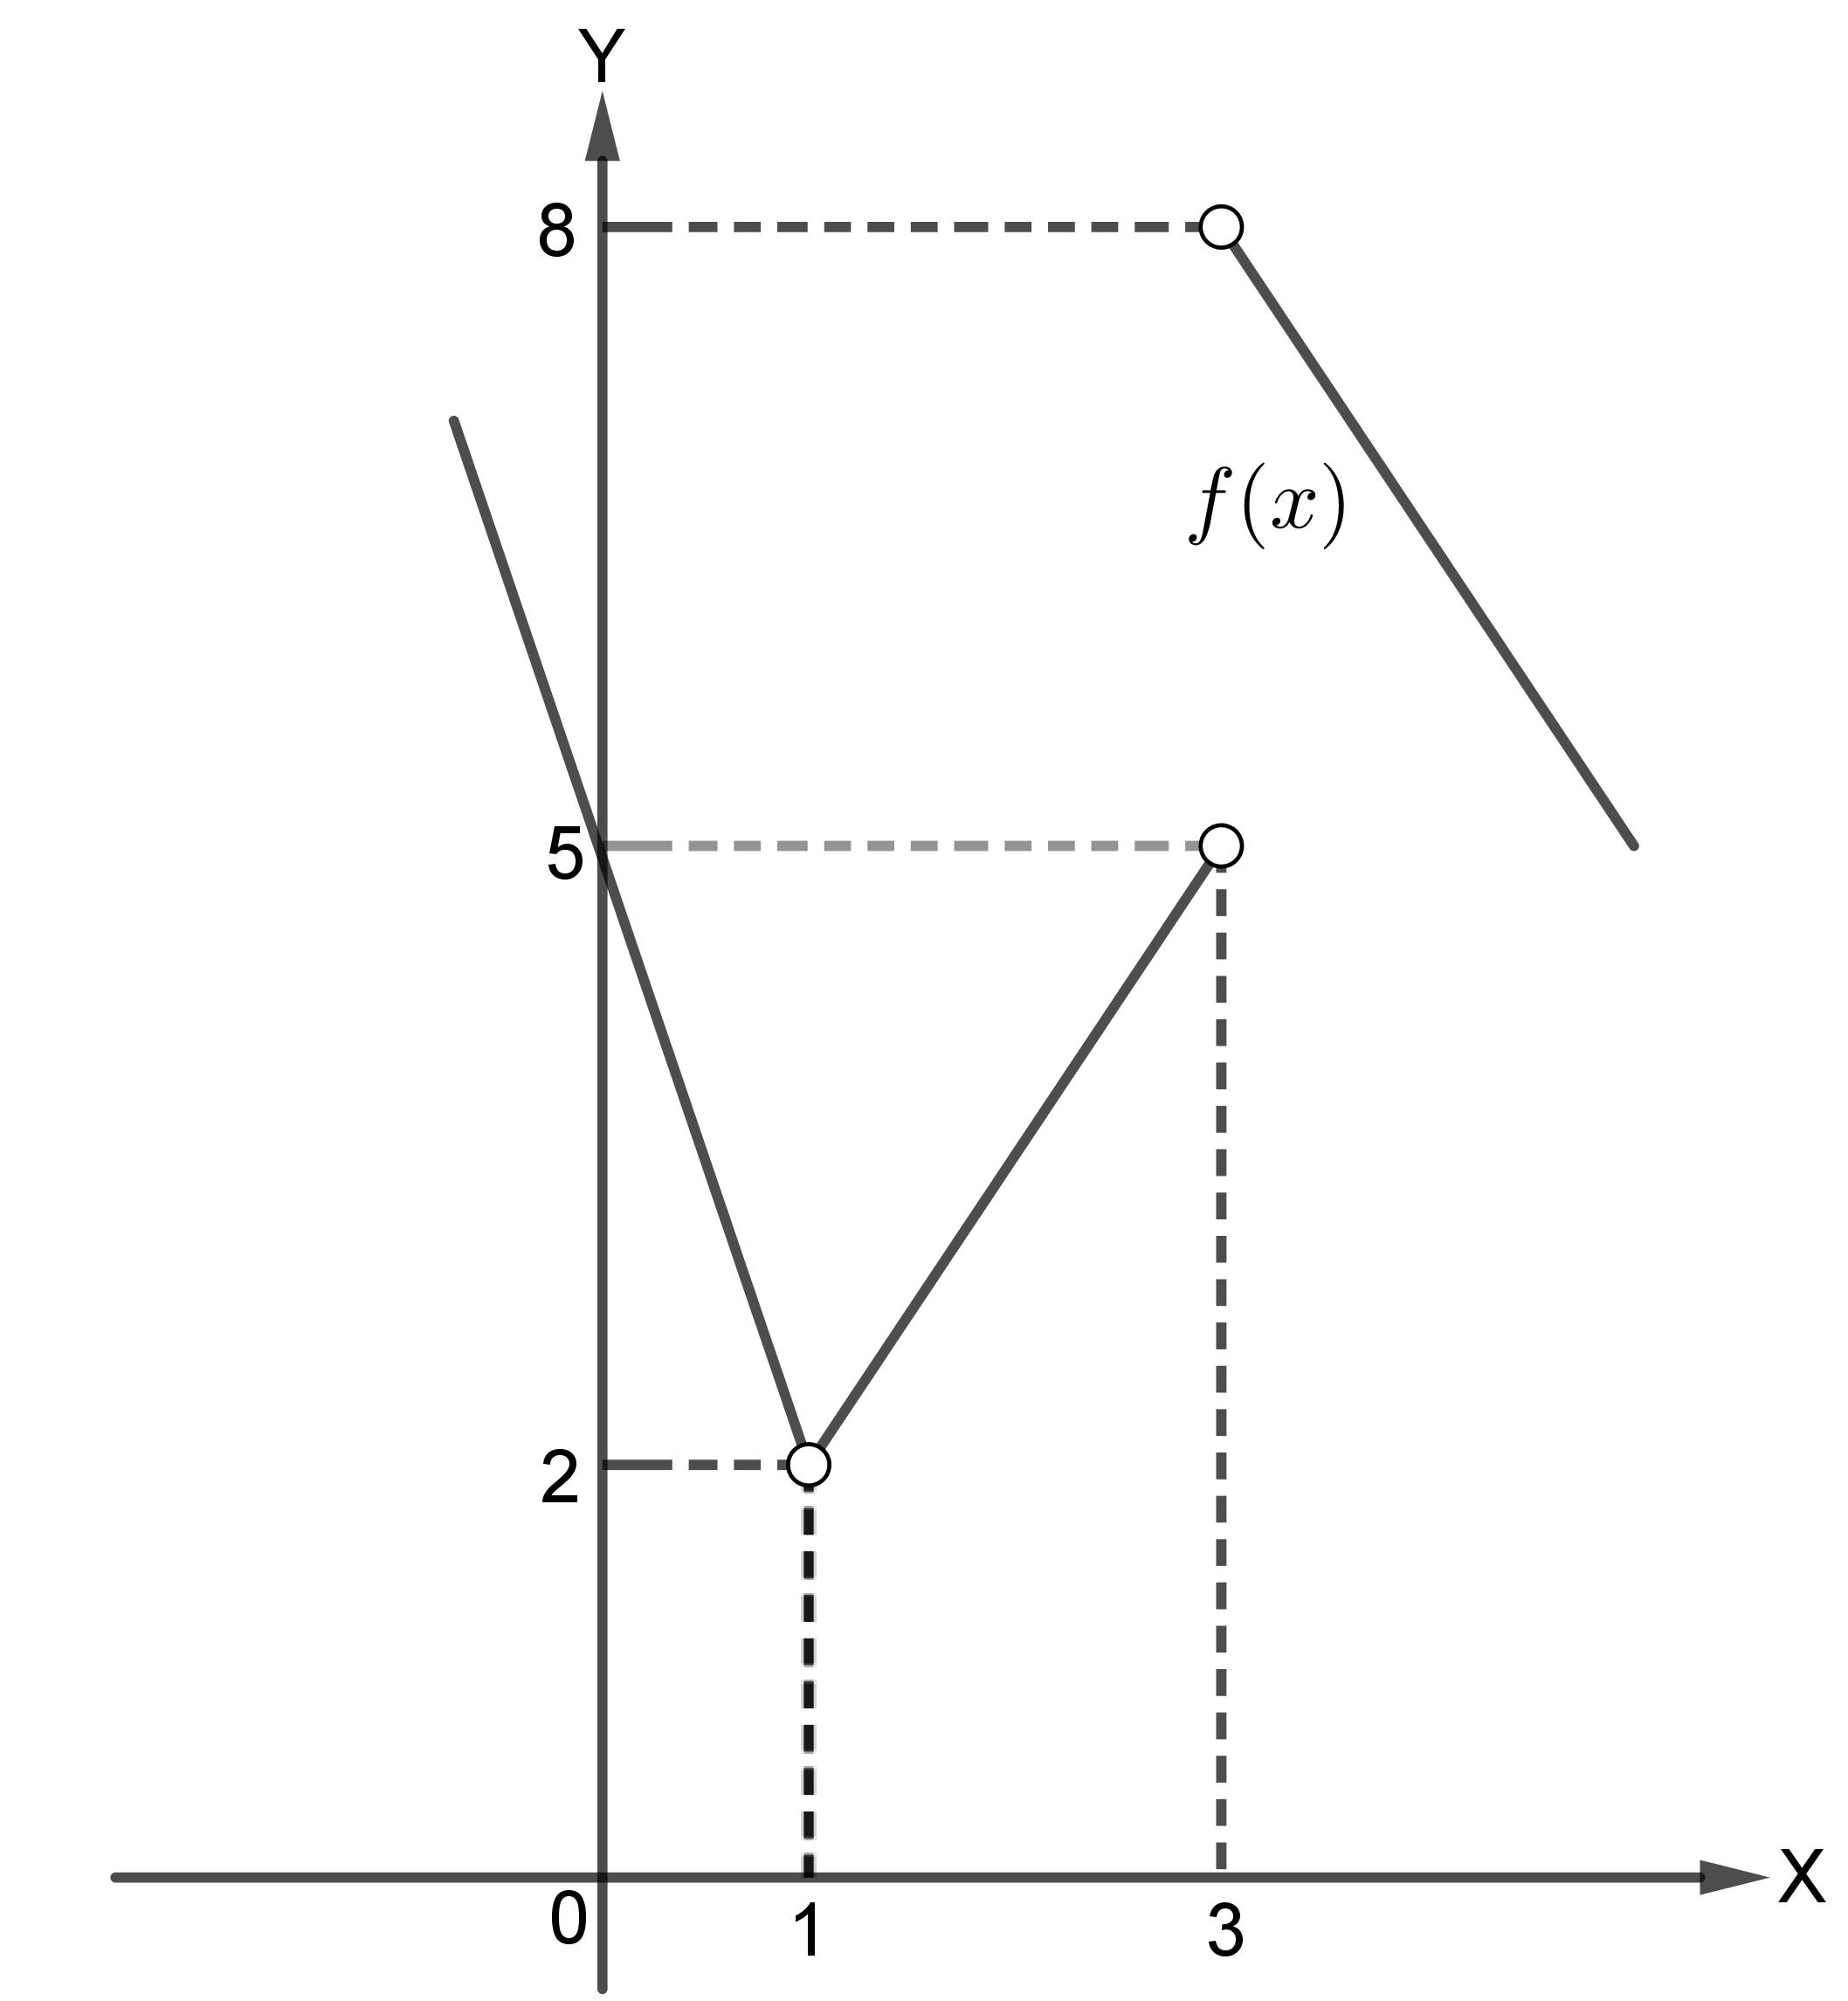 Grafik fungsi f(x)